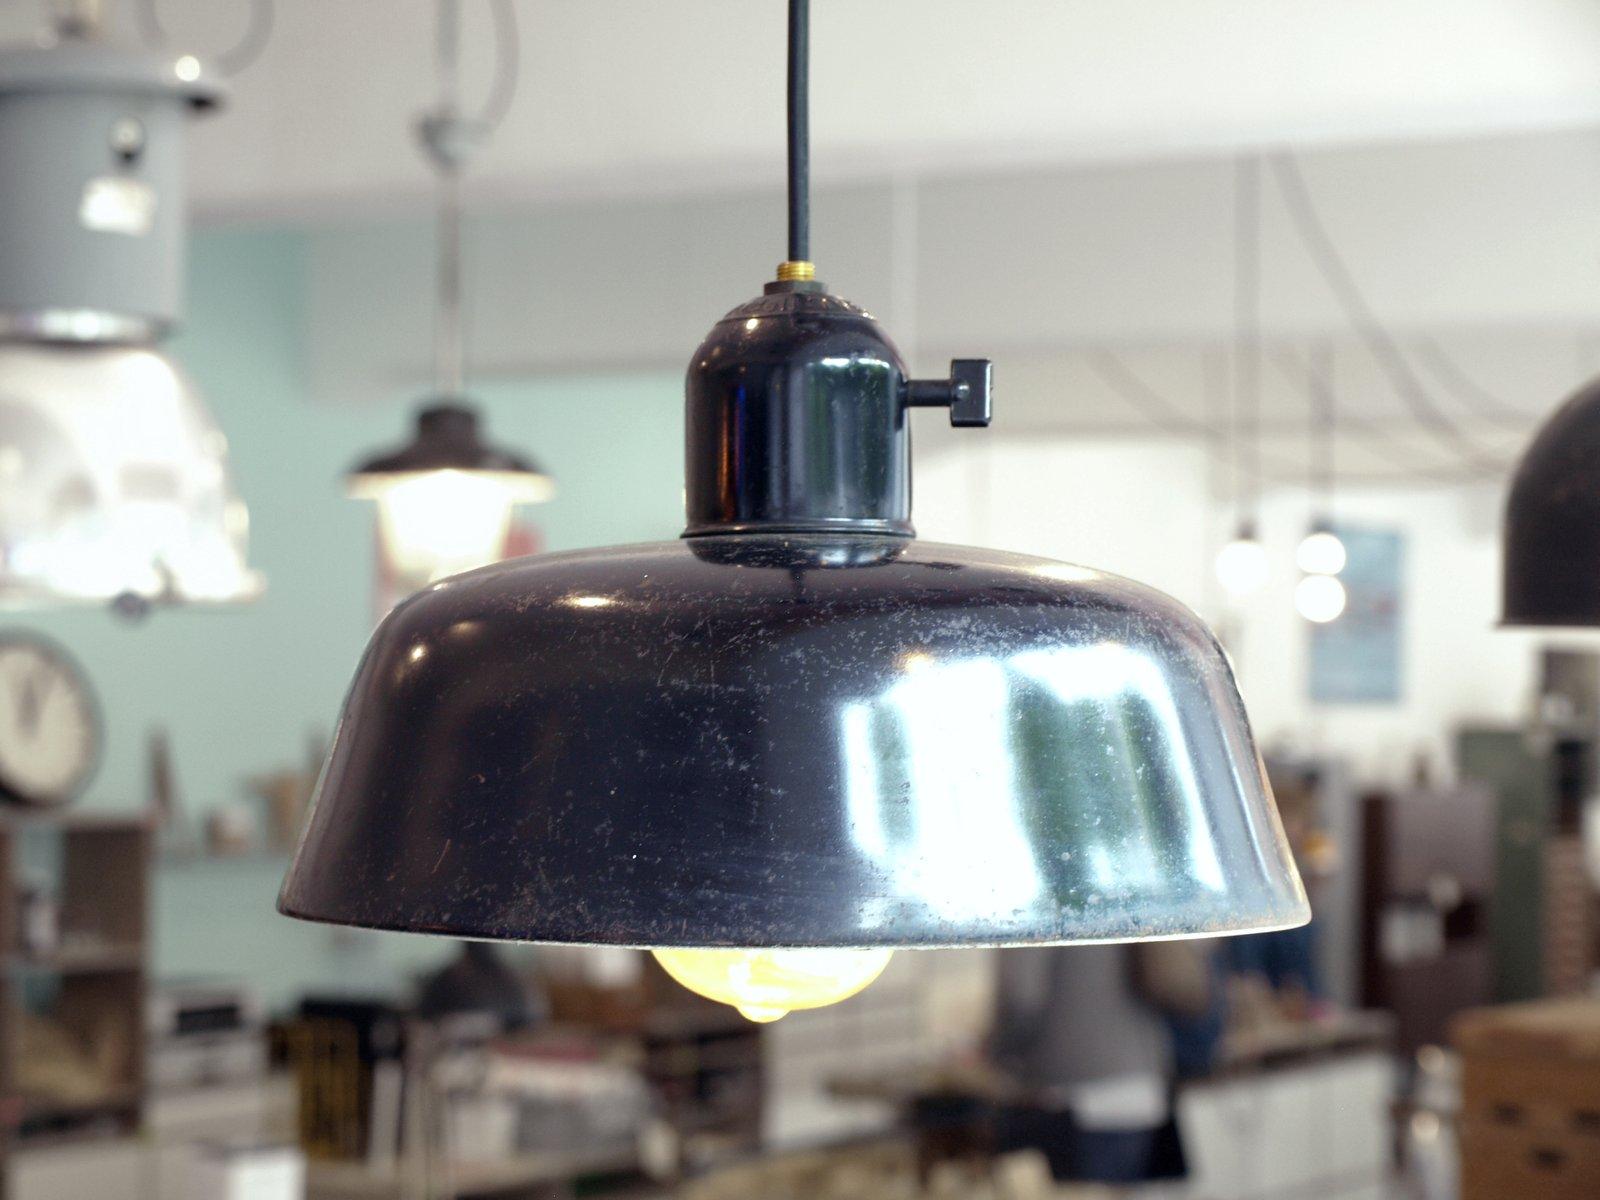 One Original Kaiser Idell Desk Lamp by Christian Dell of the Bauhaus WHITE  Steel